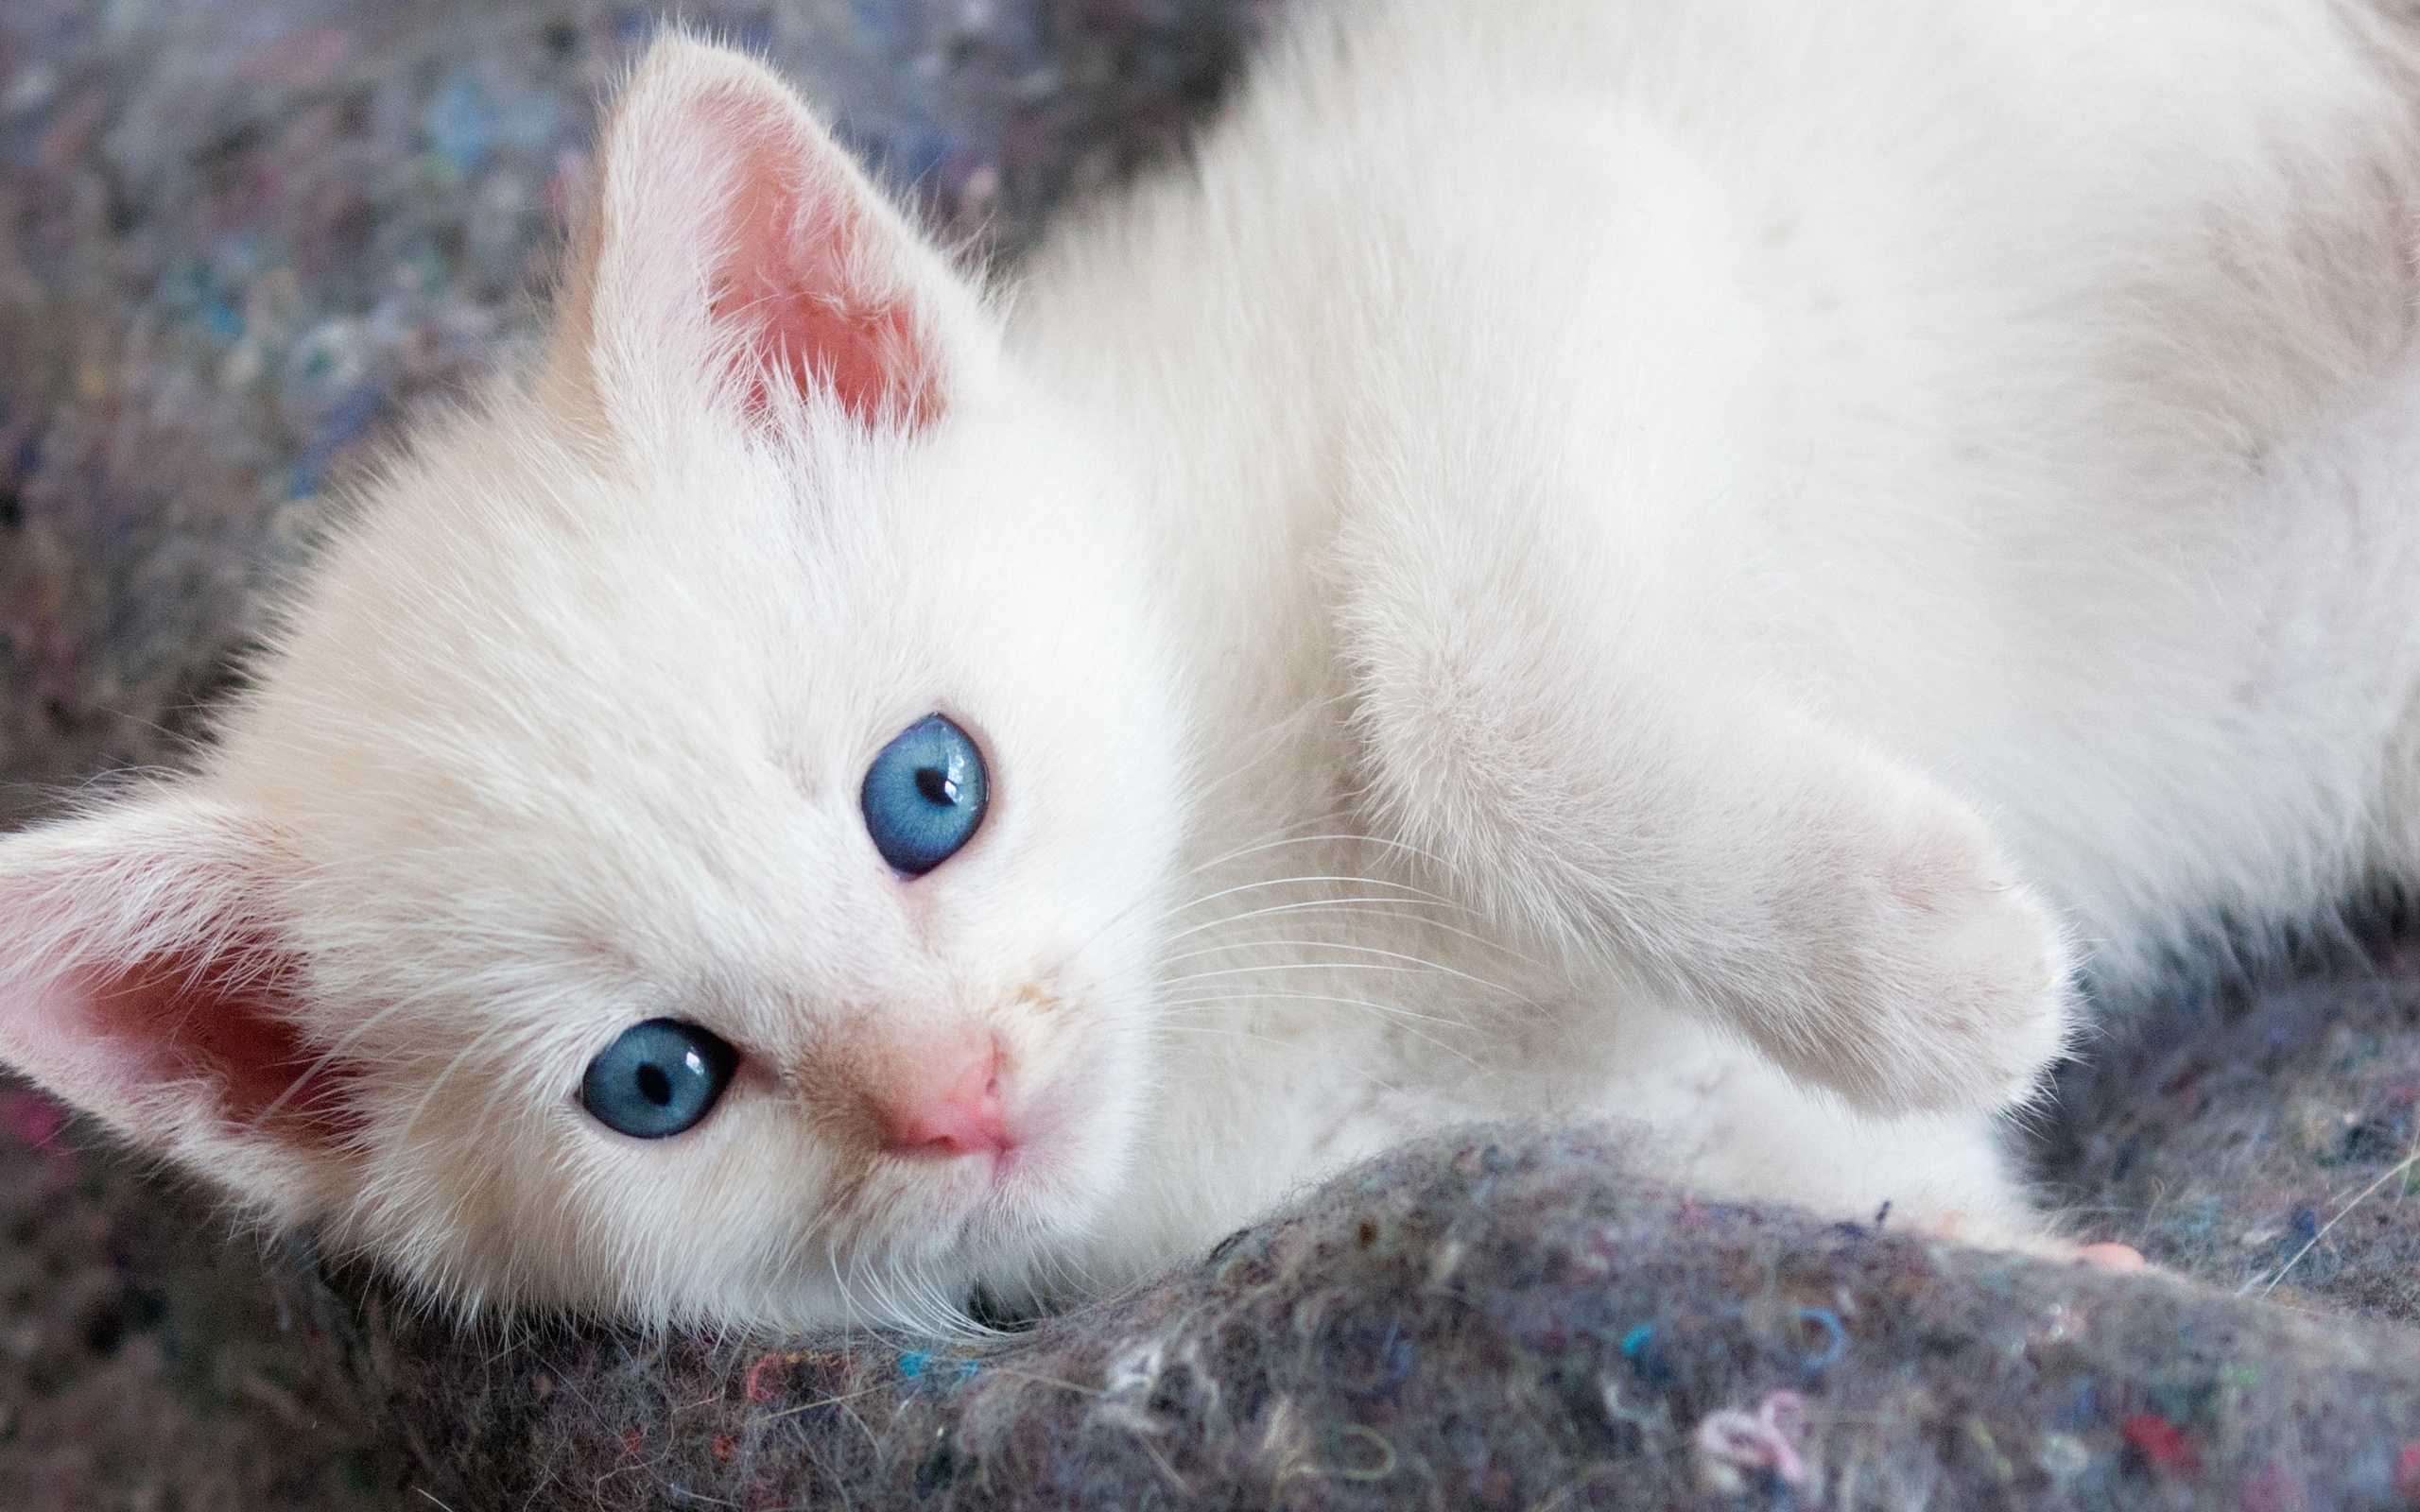 Картинки милого котенка с голубыми глазами, шоколадные